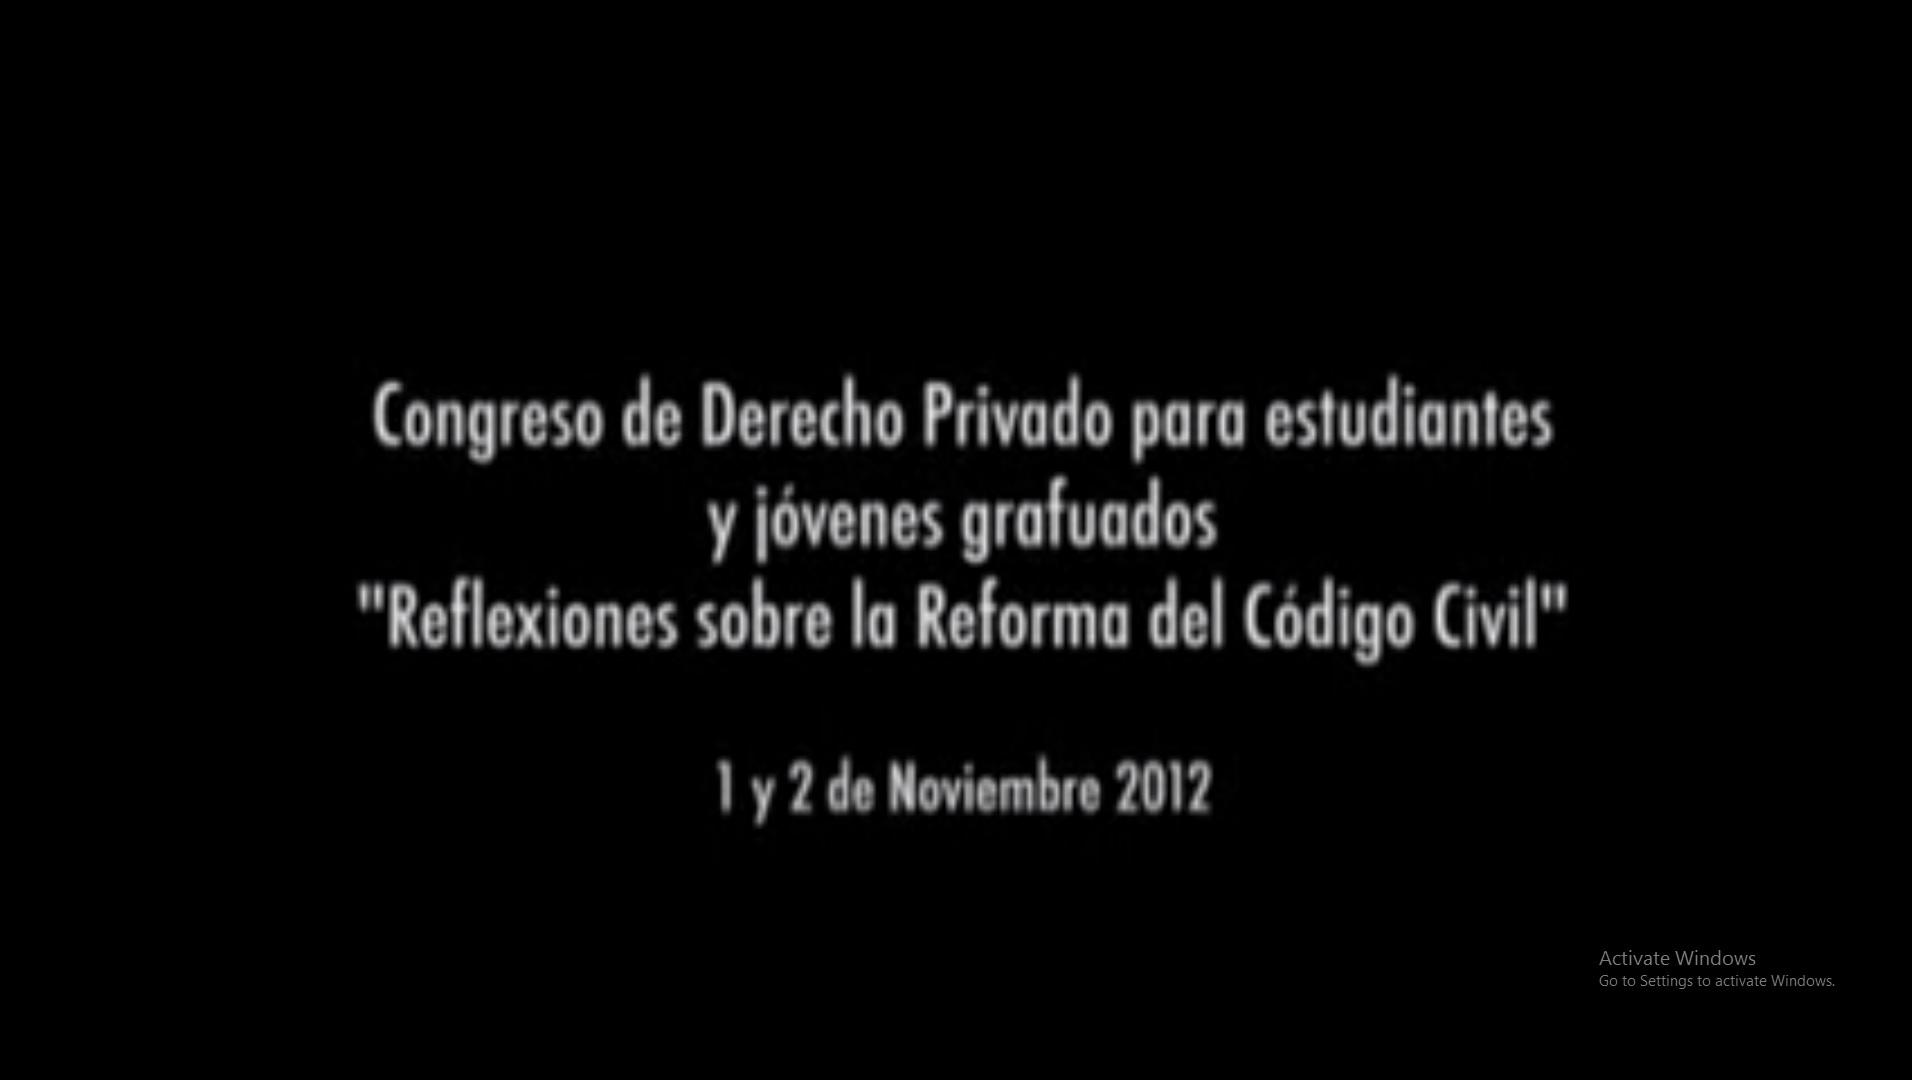 Reflexiones sobre la reforma del Código Civil - 1º de noviembre de 2012